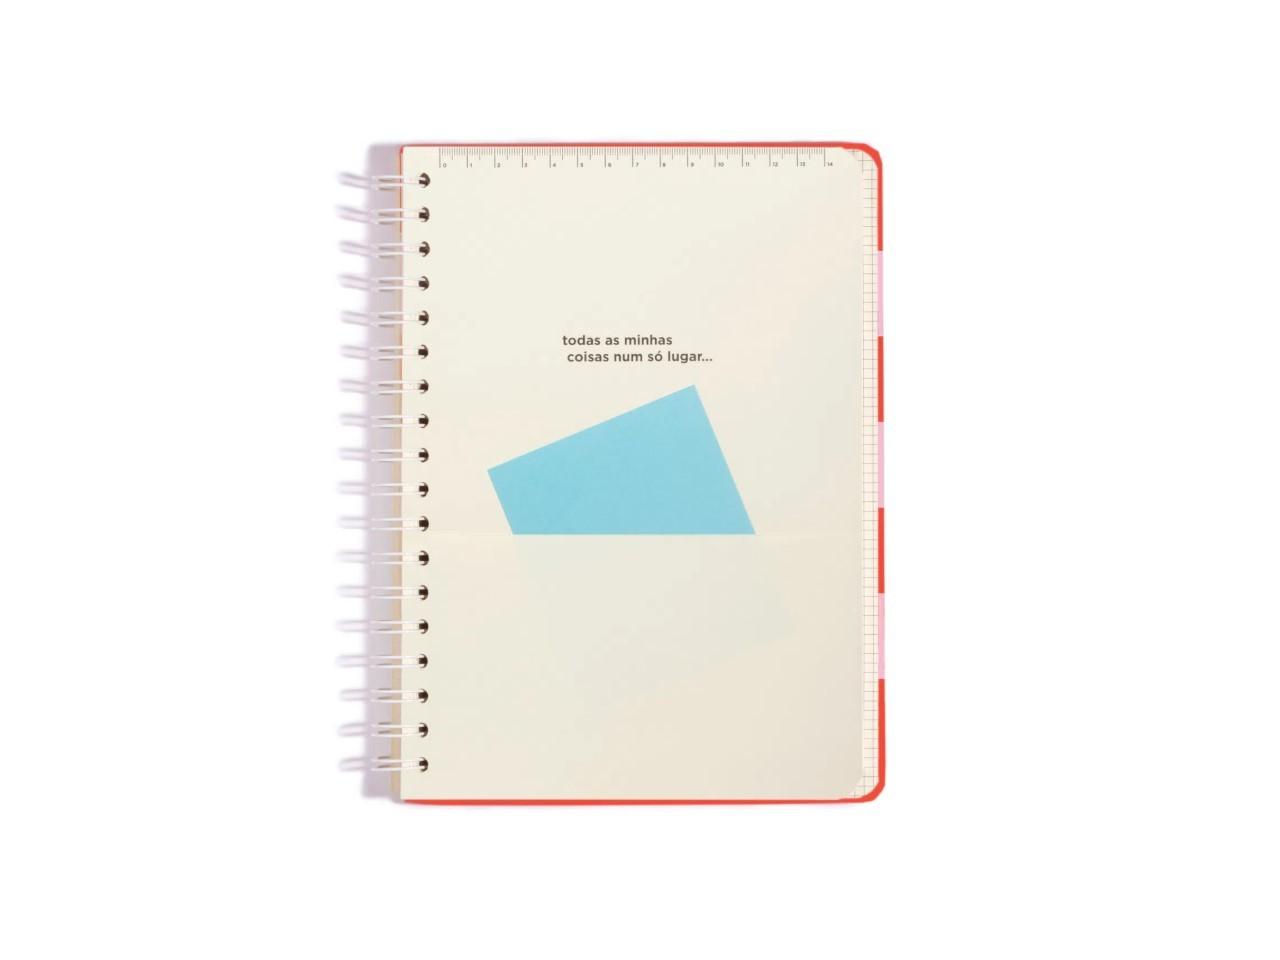 Caderno Todas Juntas Pontado Colegial